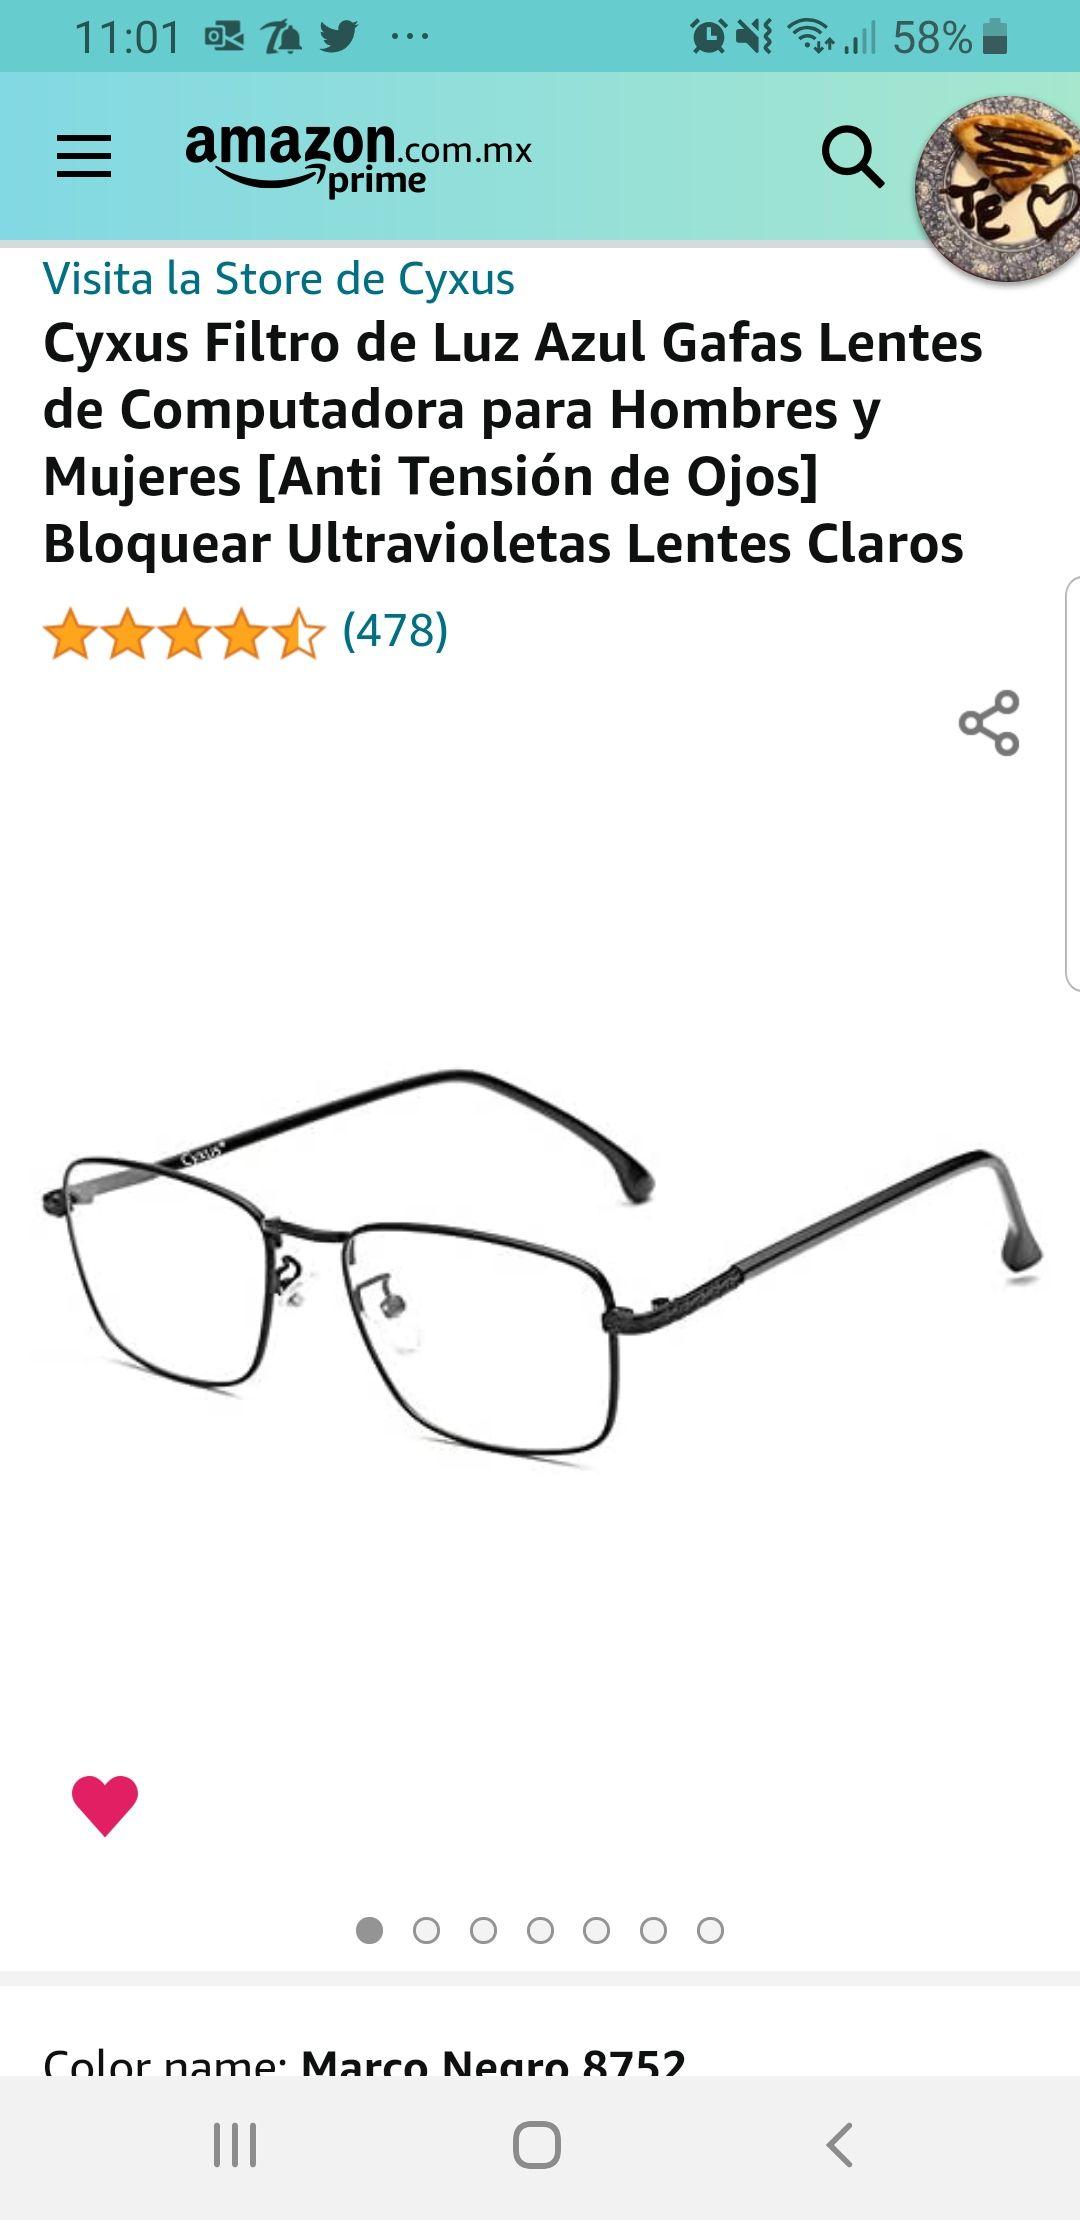 Amazon: Cyxus Filtro de Luz Azul Gafas Lentes de Computadora